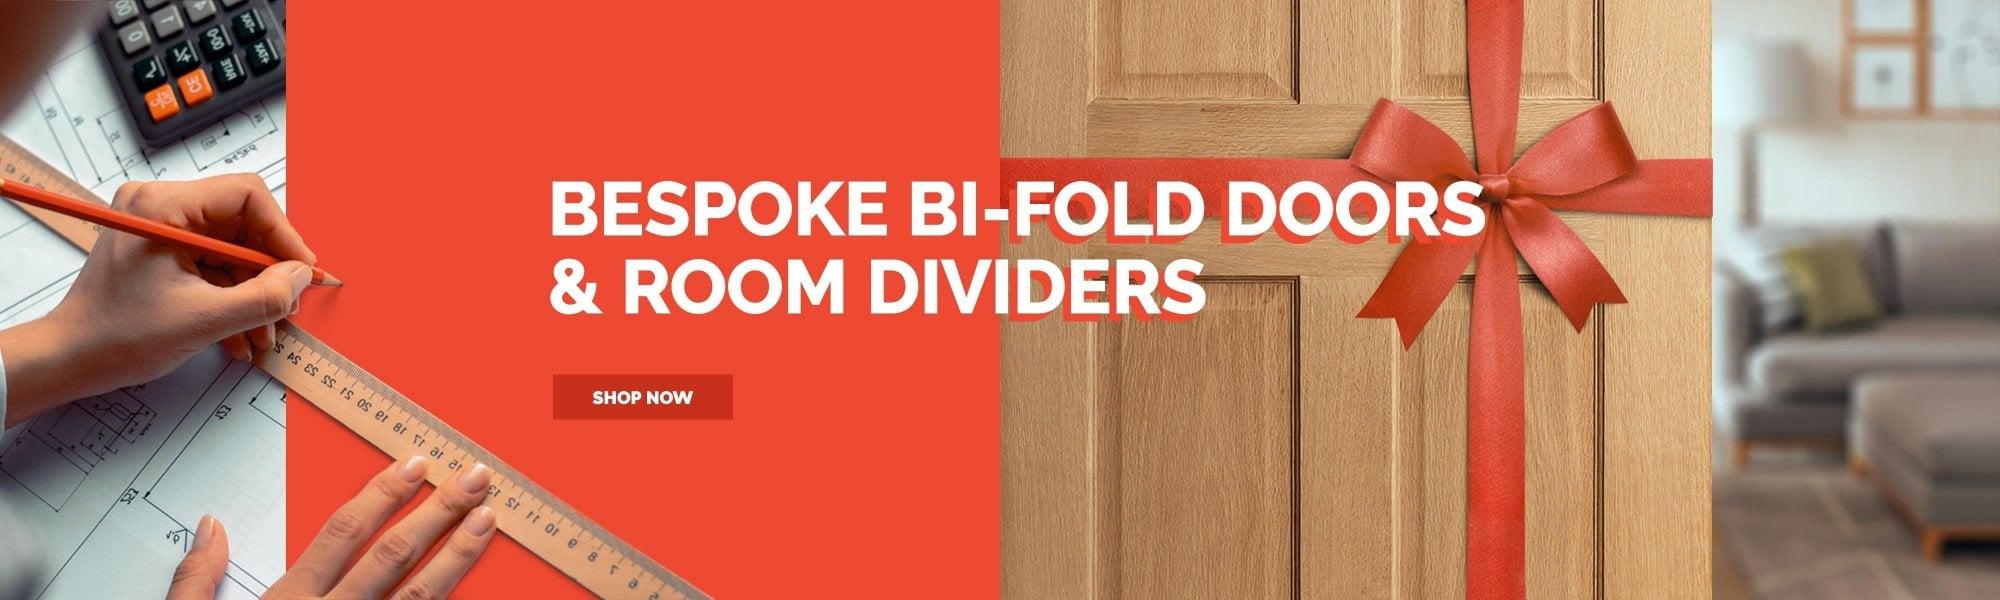 Bespoke bi-fold doors and room dividers